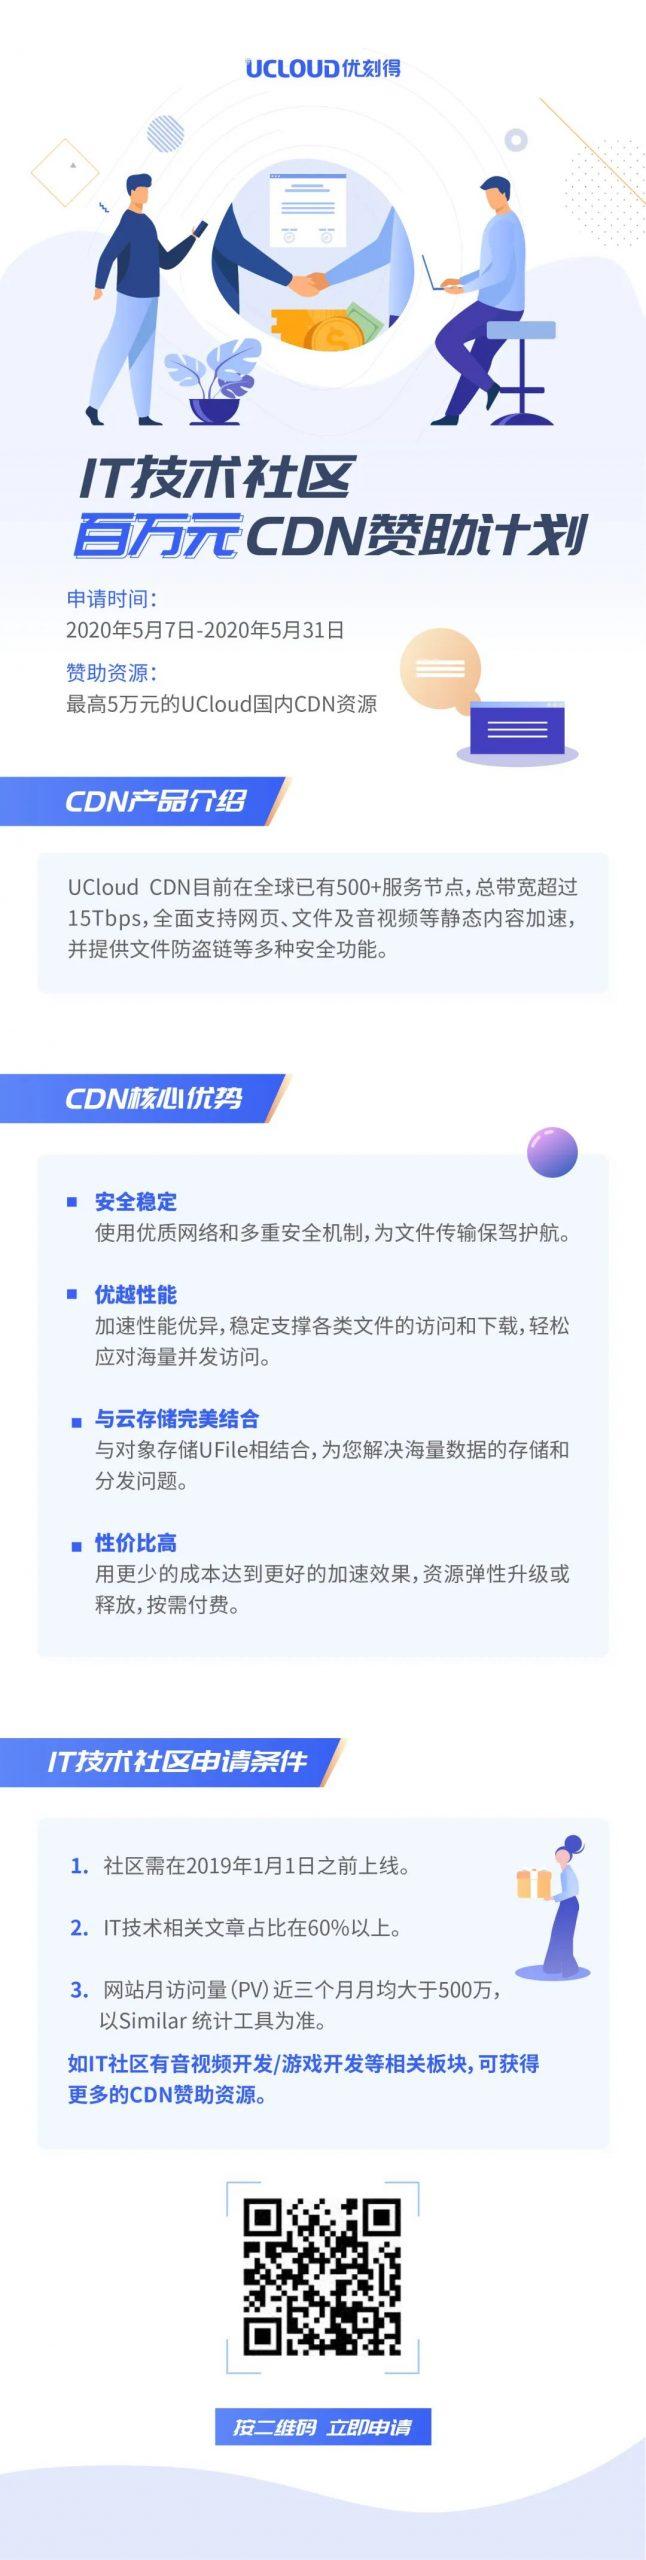 IT技术社区有福了,UCloud免费提供最高5万元CDN资源!